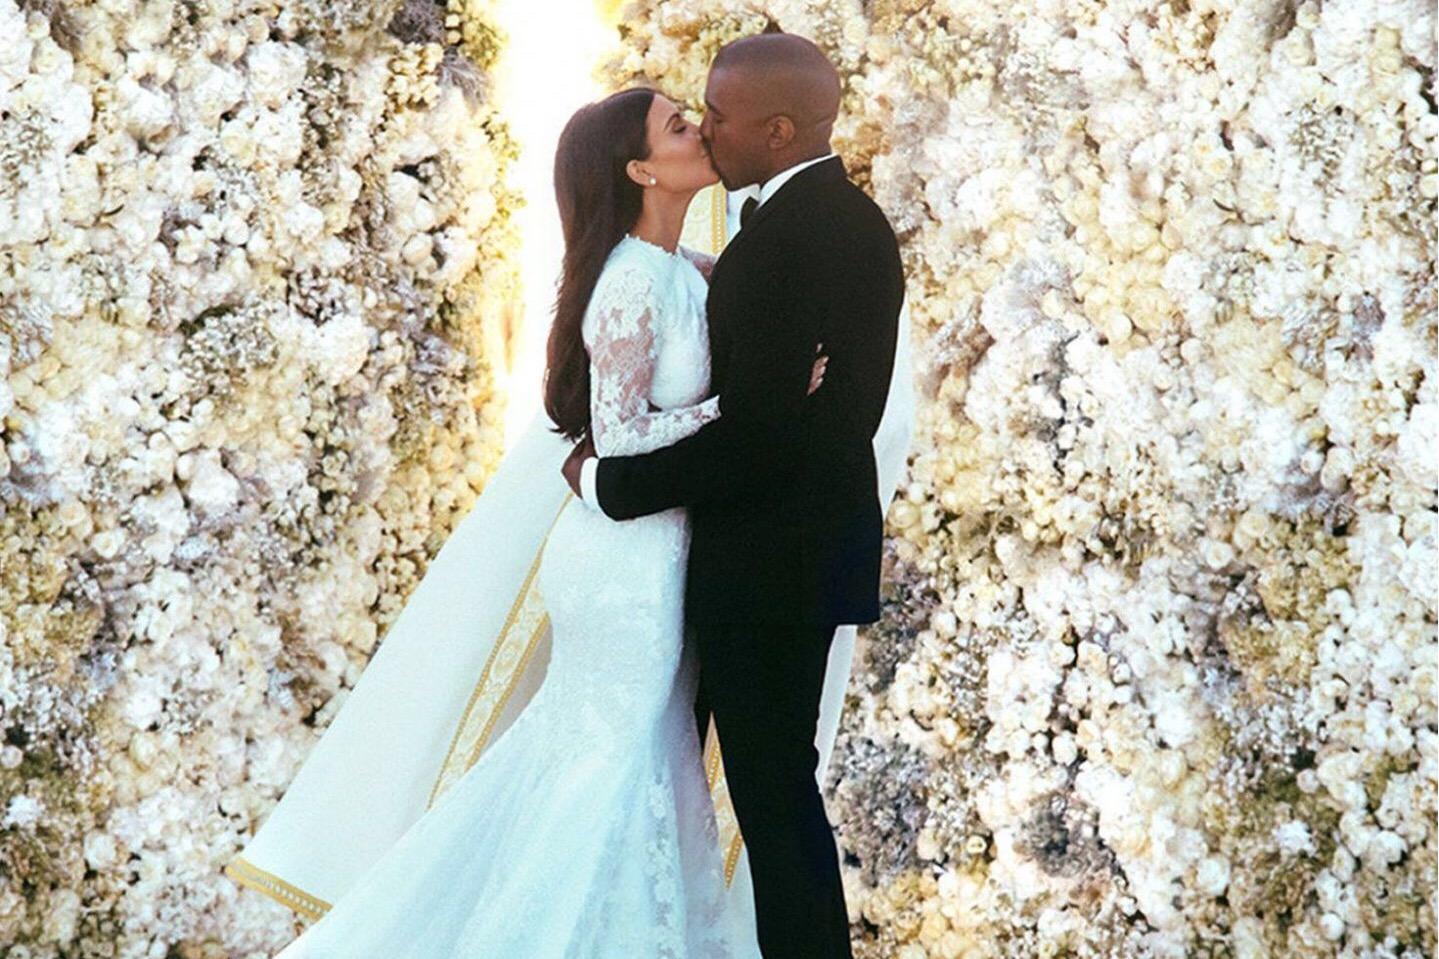 Фото со свадьбы Ким Кардашьян и Канье